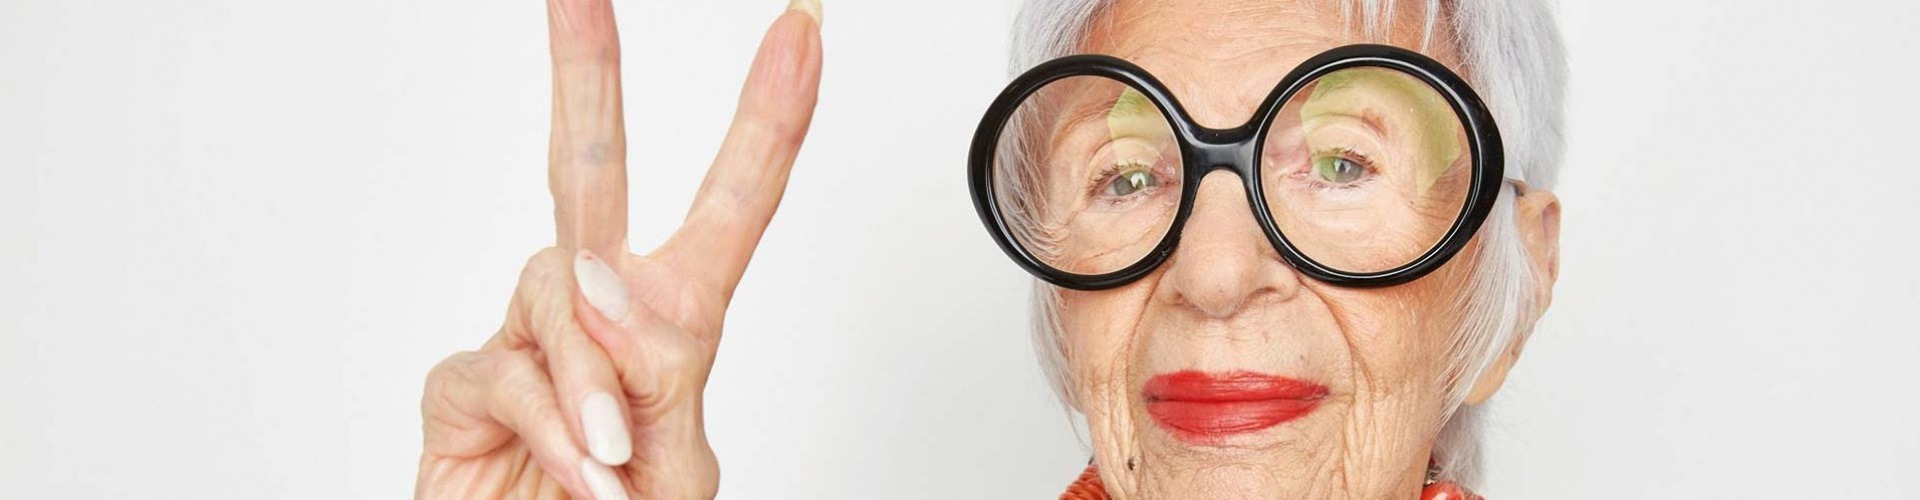 10 hasznos tanács a nagyitól